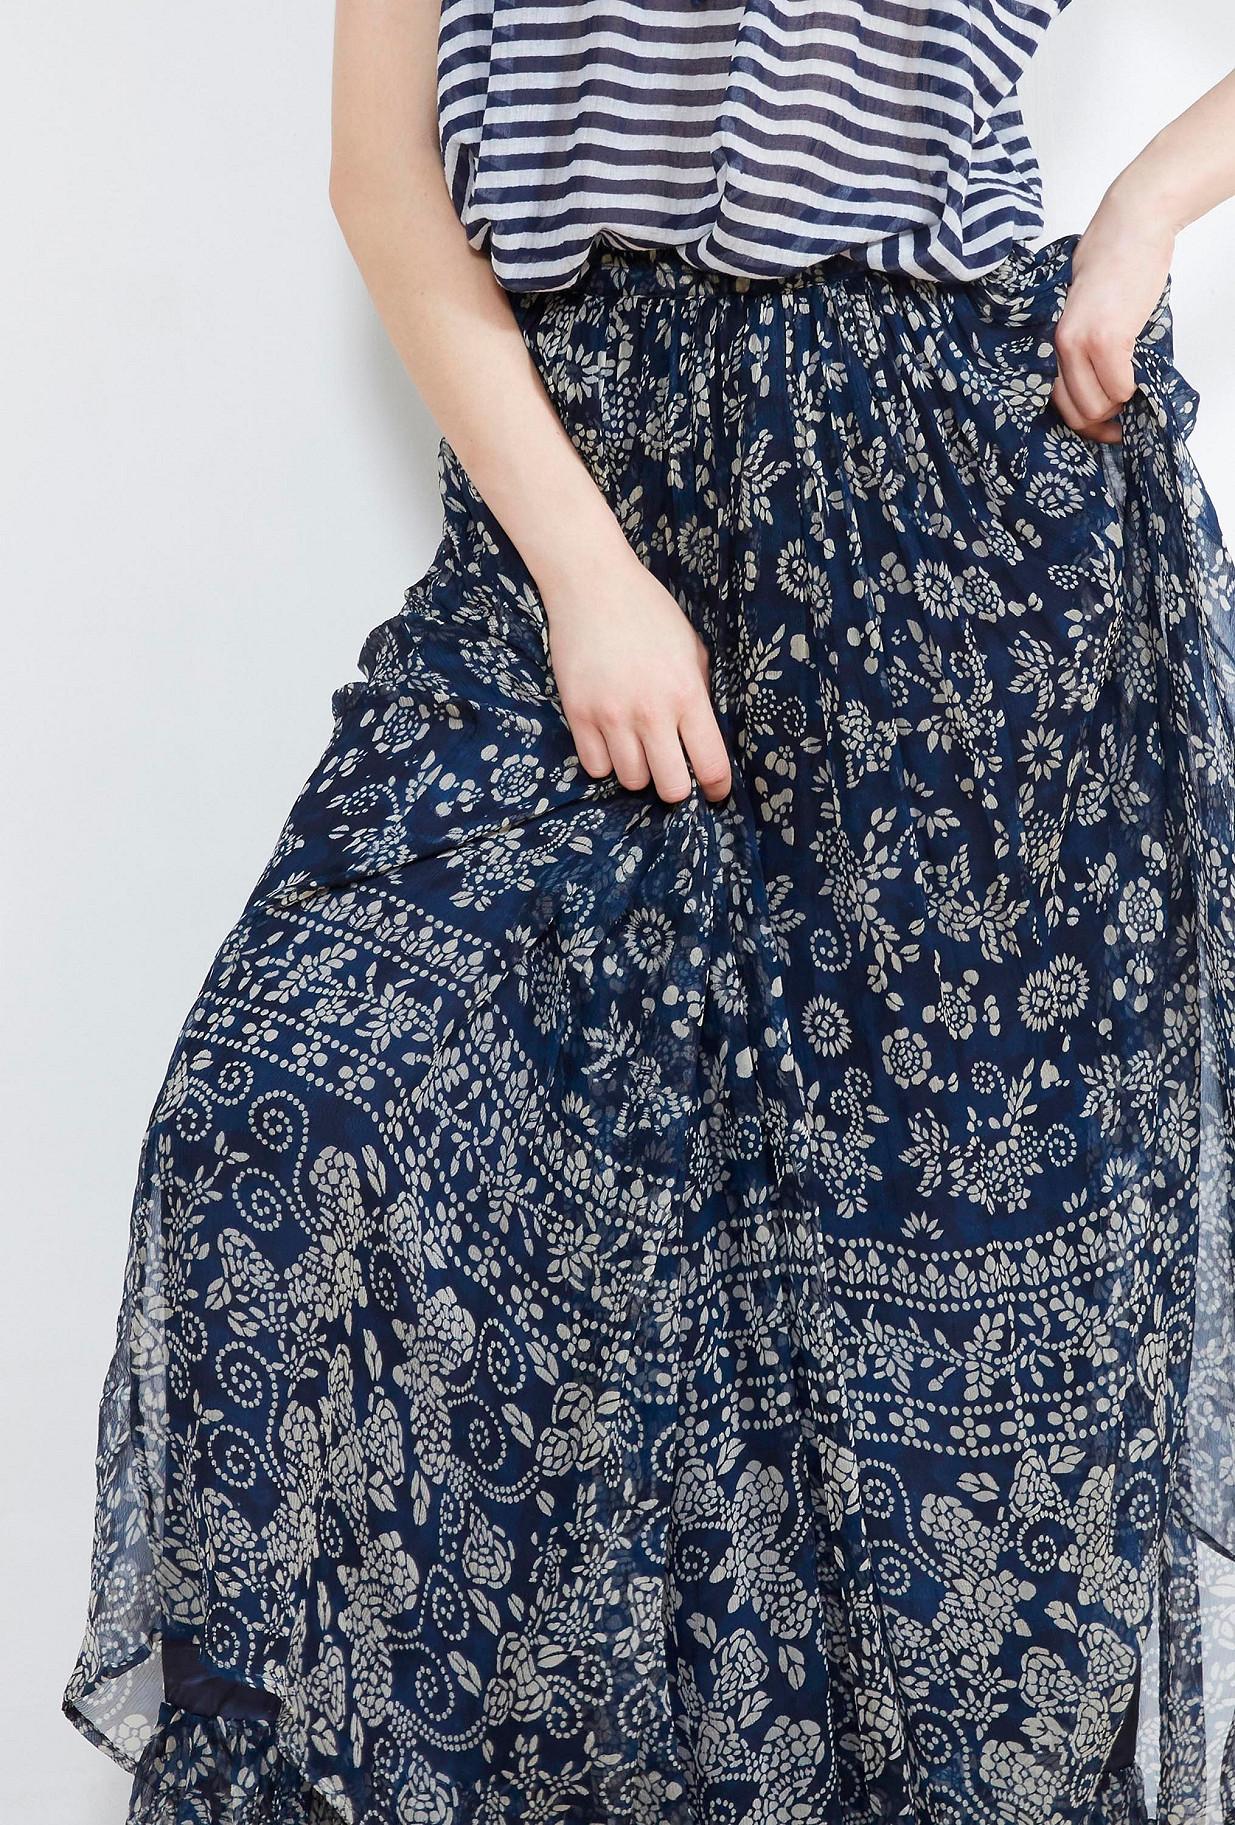 Blue print  SKIRT  Batu Mes demoiselles fashion clothes designer Paris